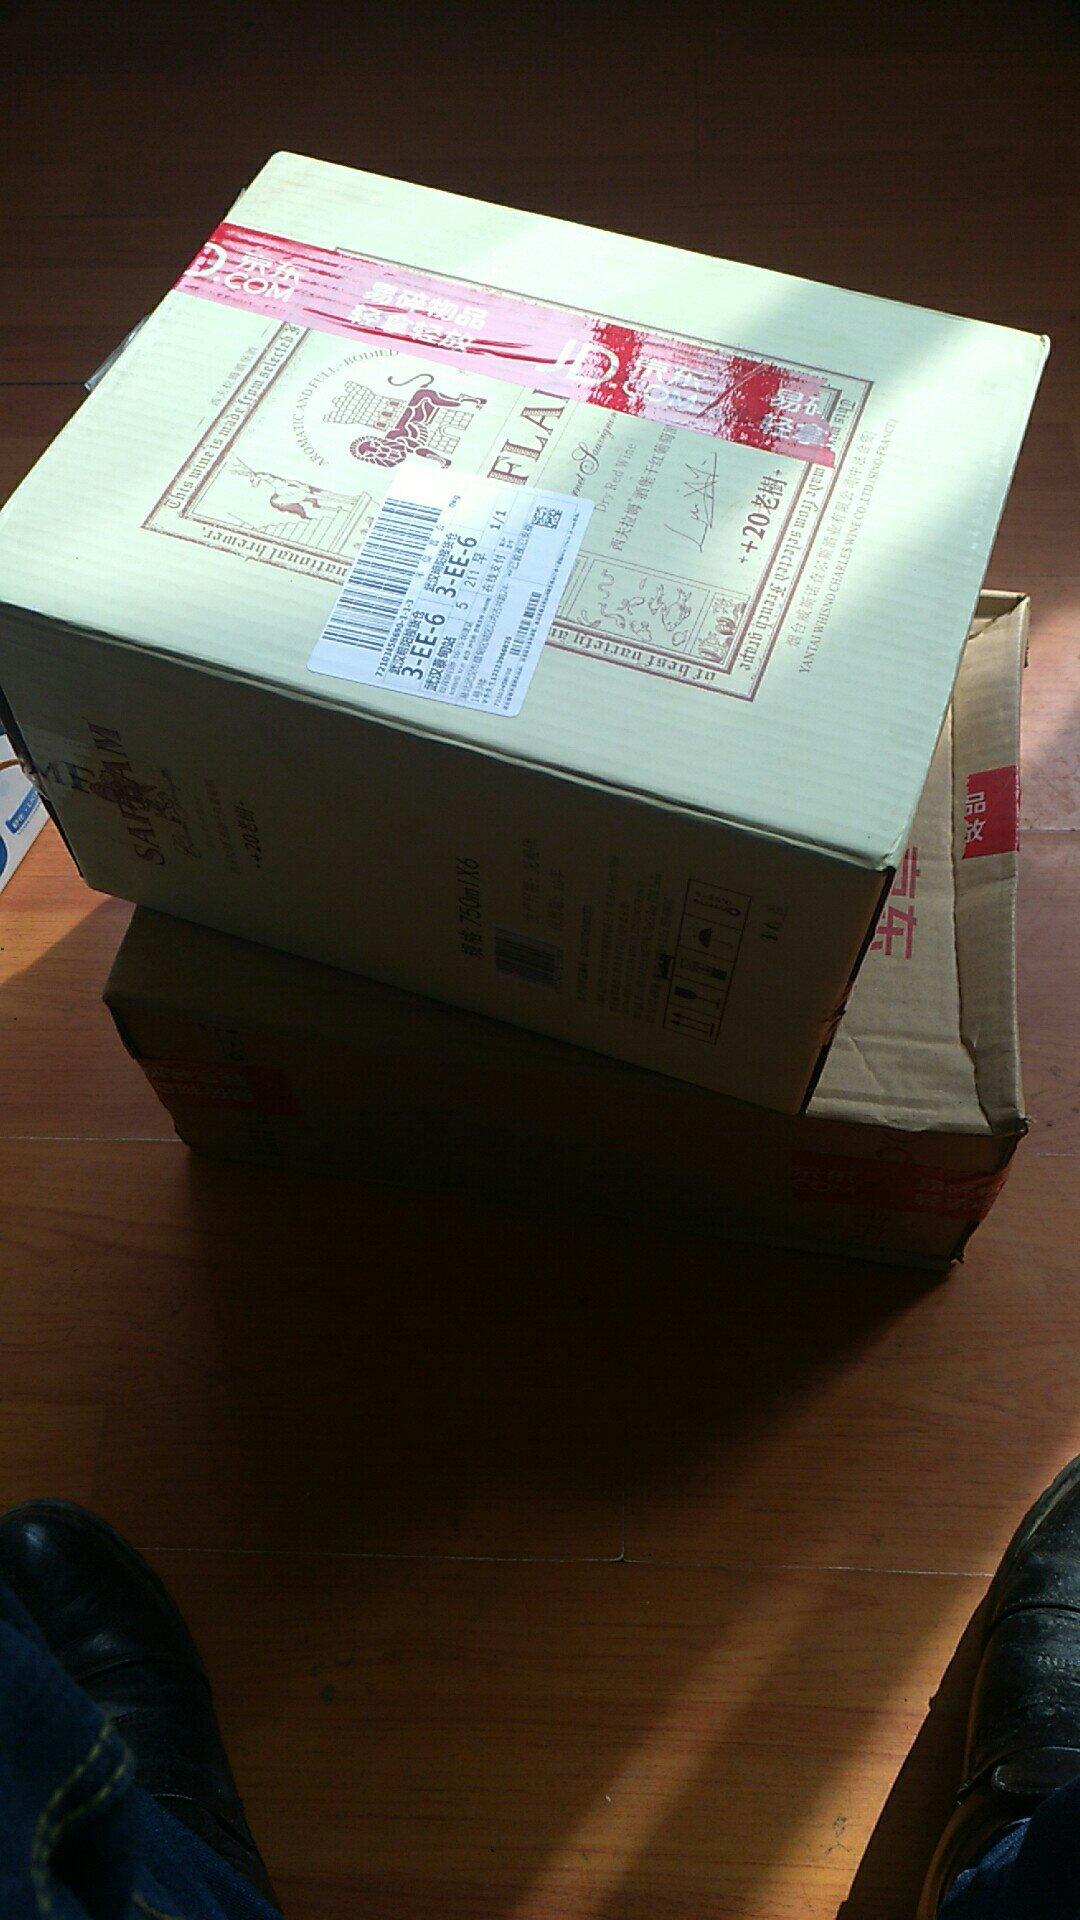 air jordan 4 columbia 009101267 bags